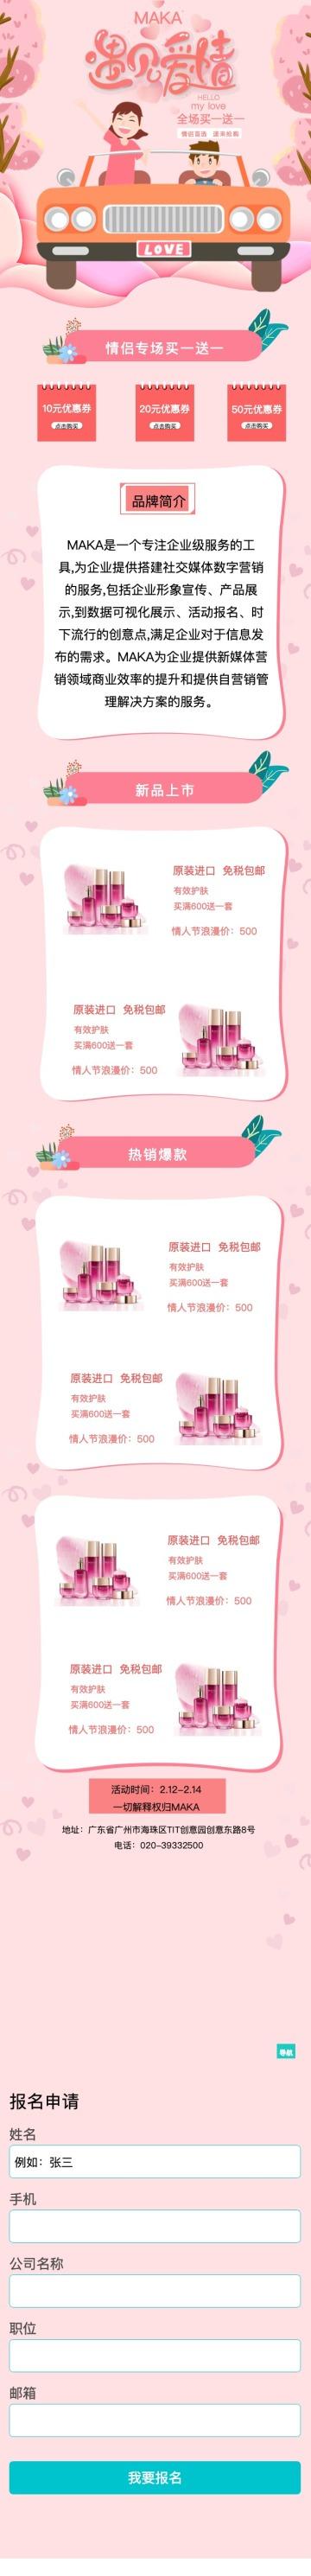 粉色浪漫唯美情人节商家上新促销活动宣传推广落地单页